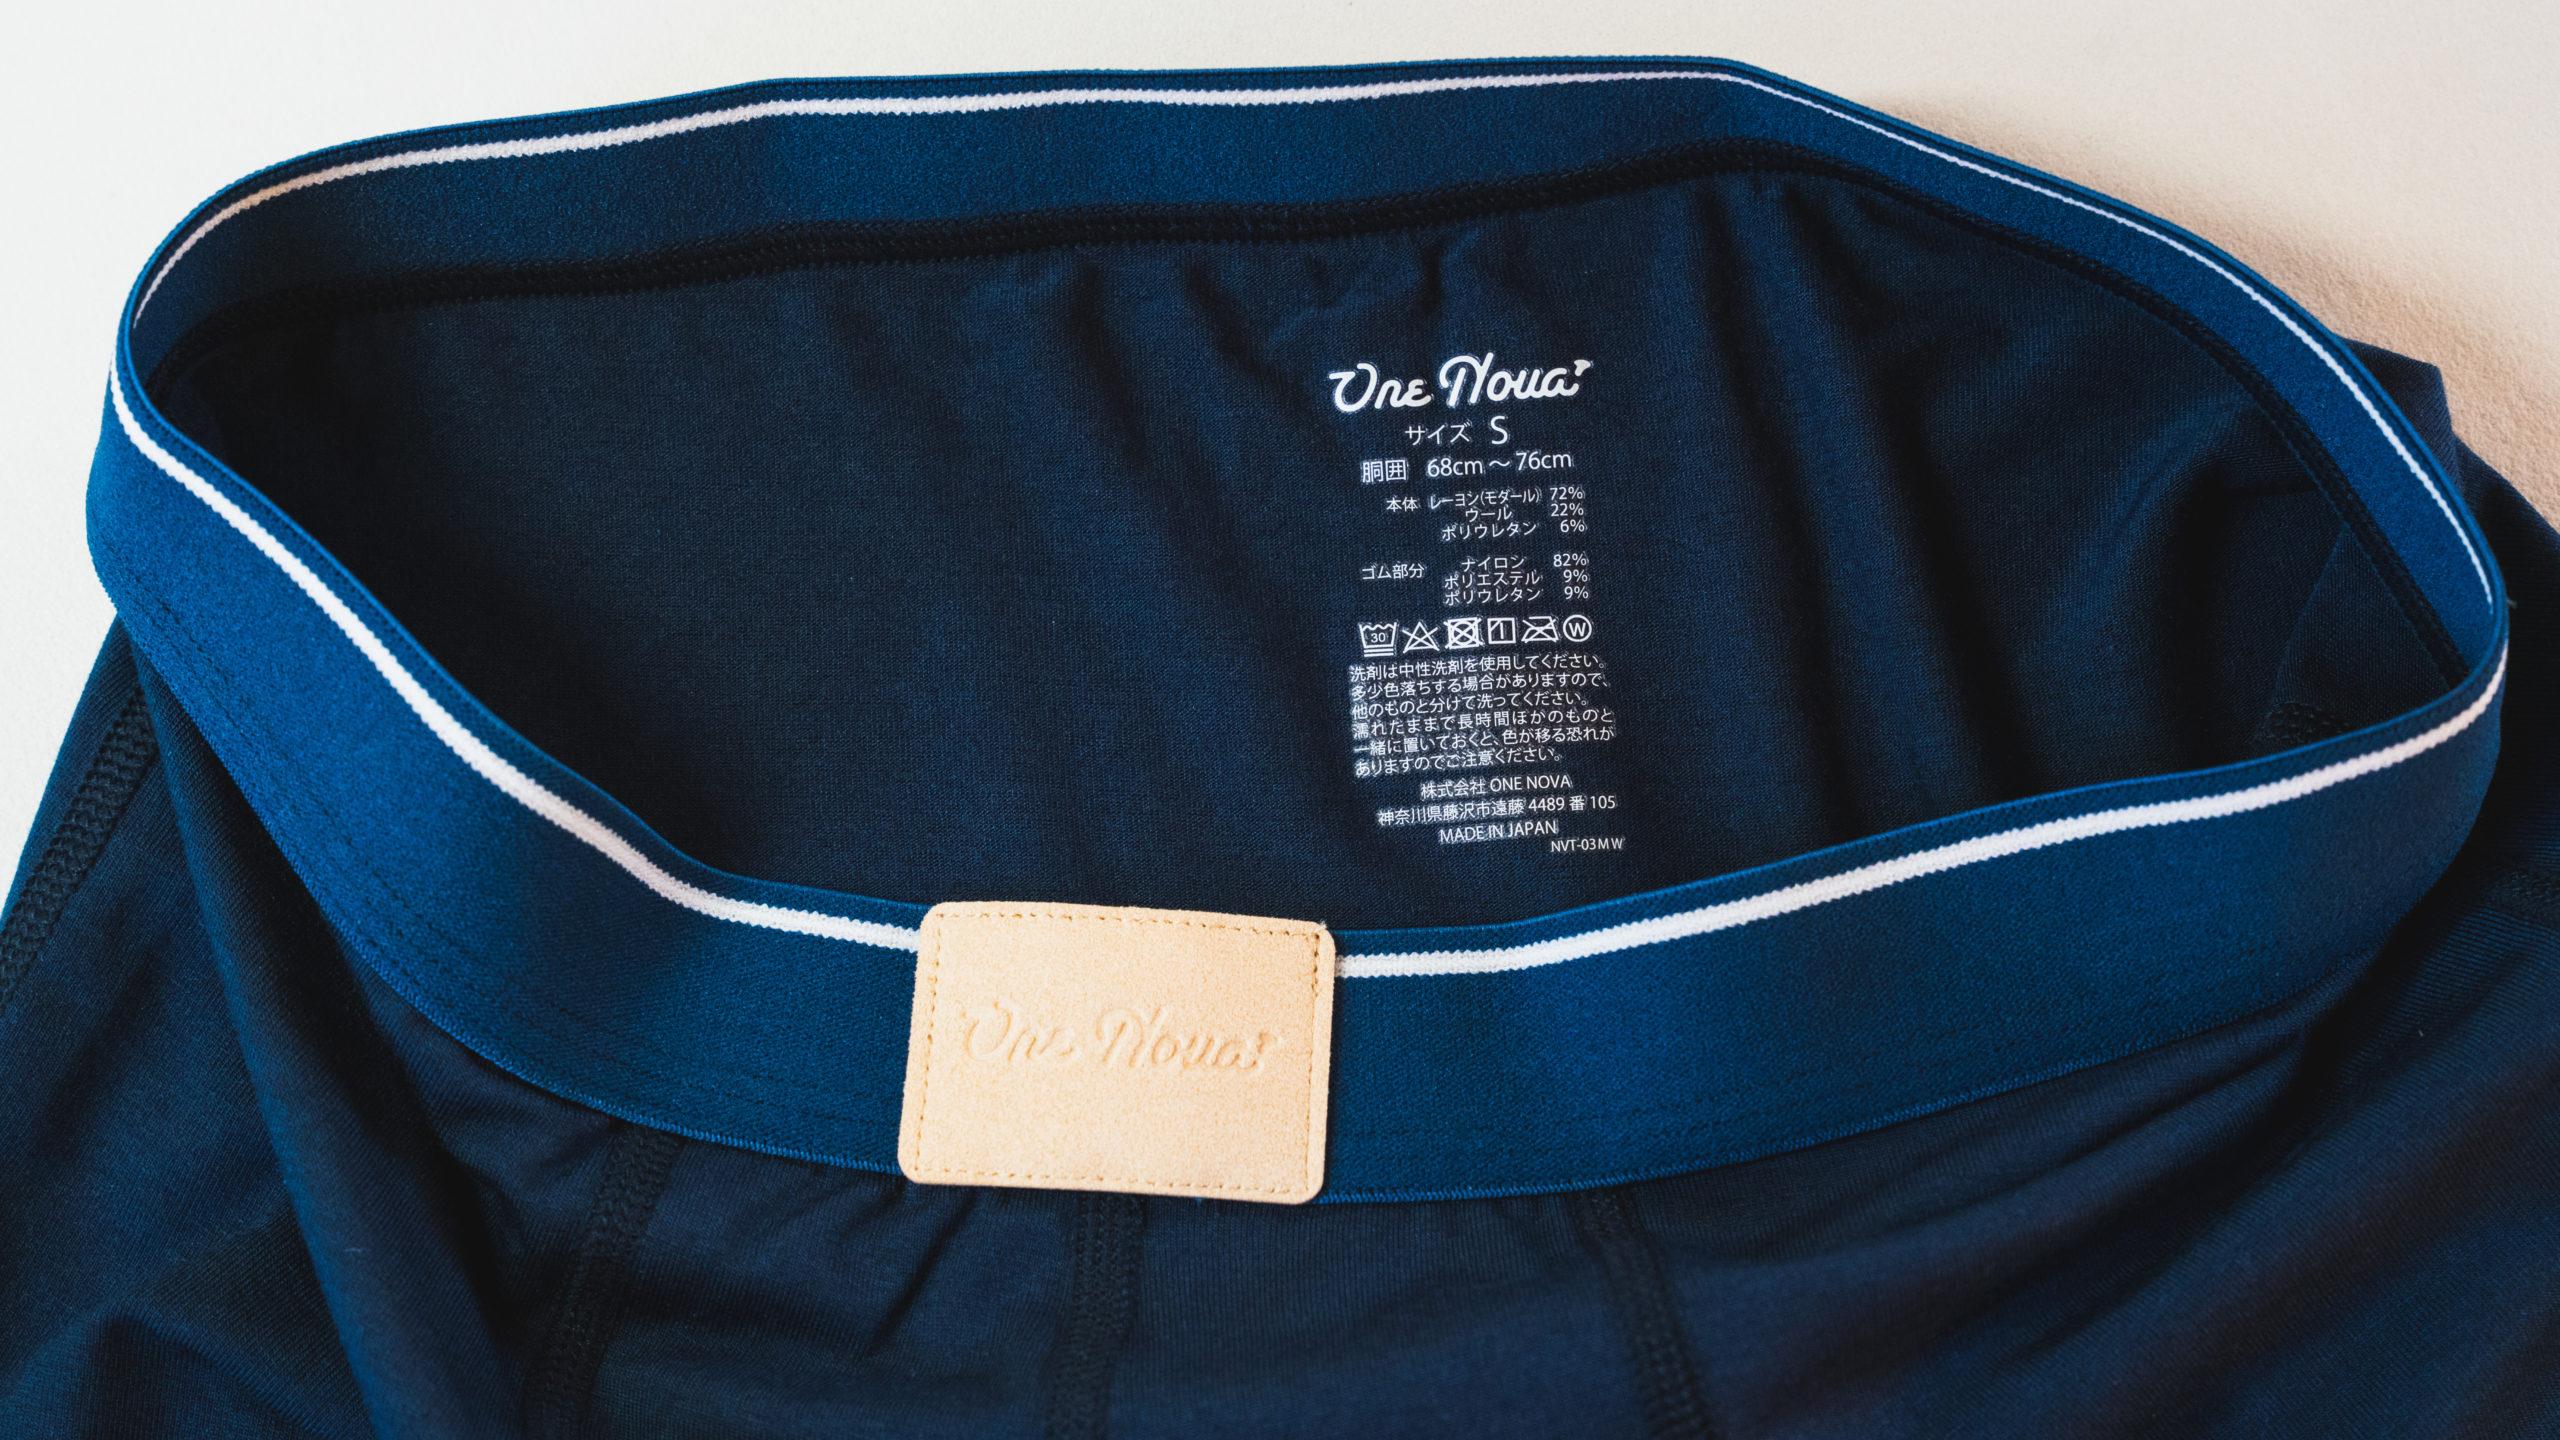 One Nova(ワンノバ)の新しいパンツ「adventure boxer brief」をレビュー